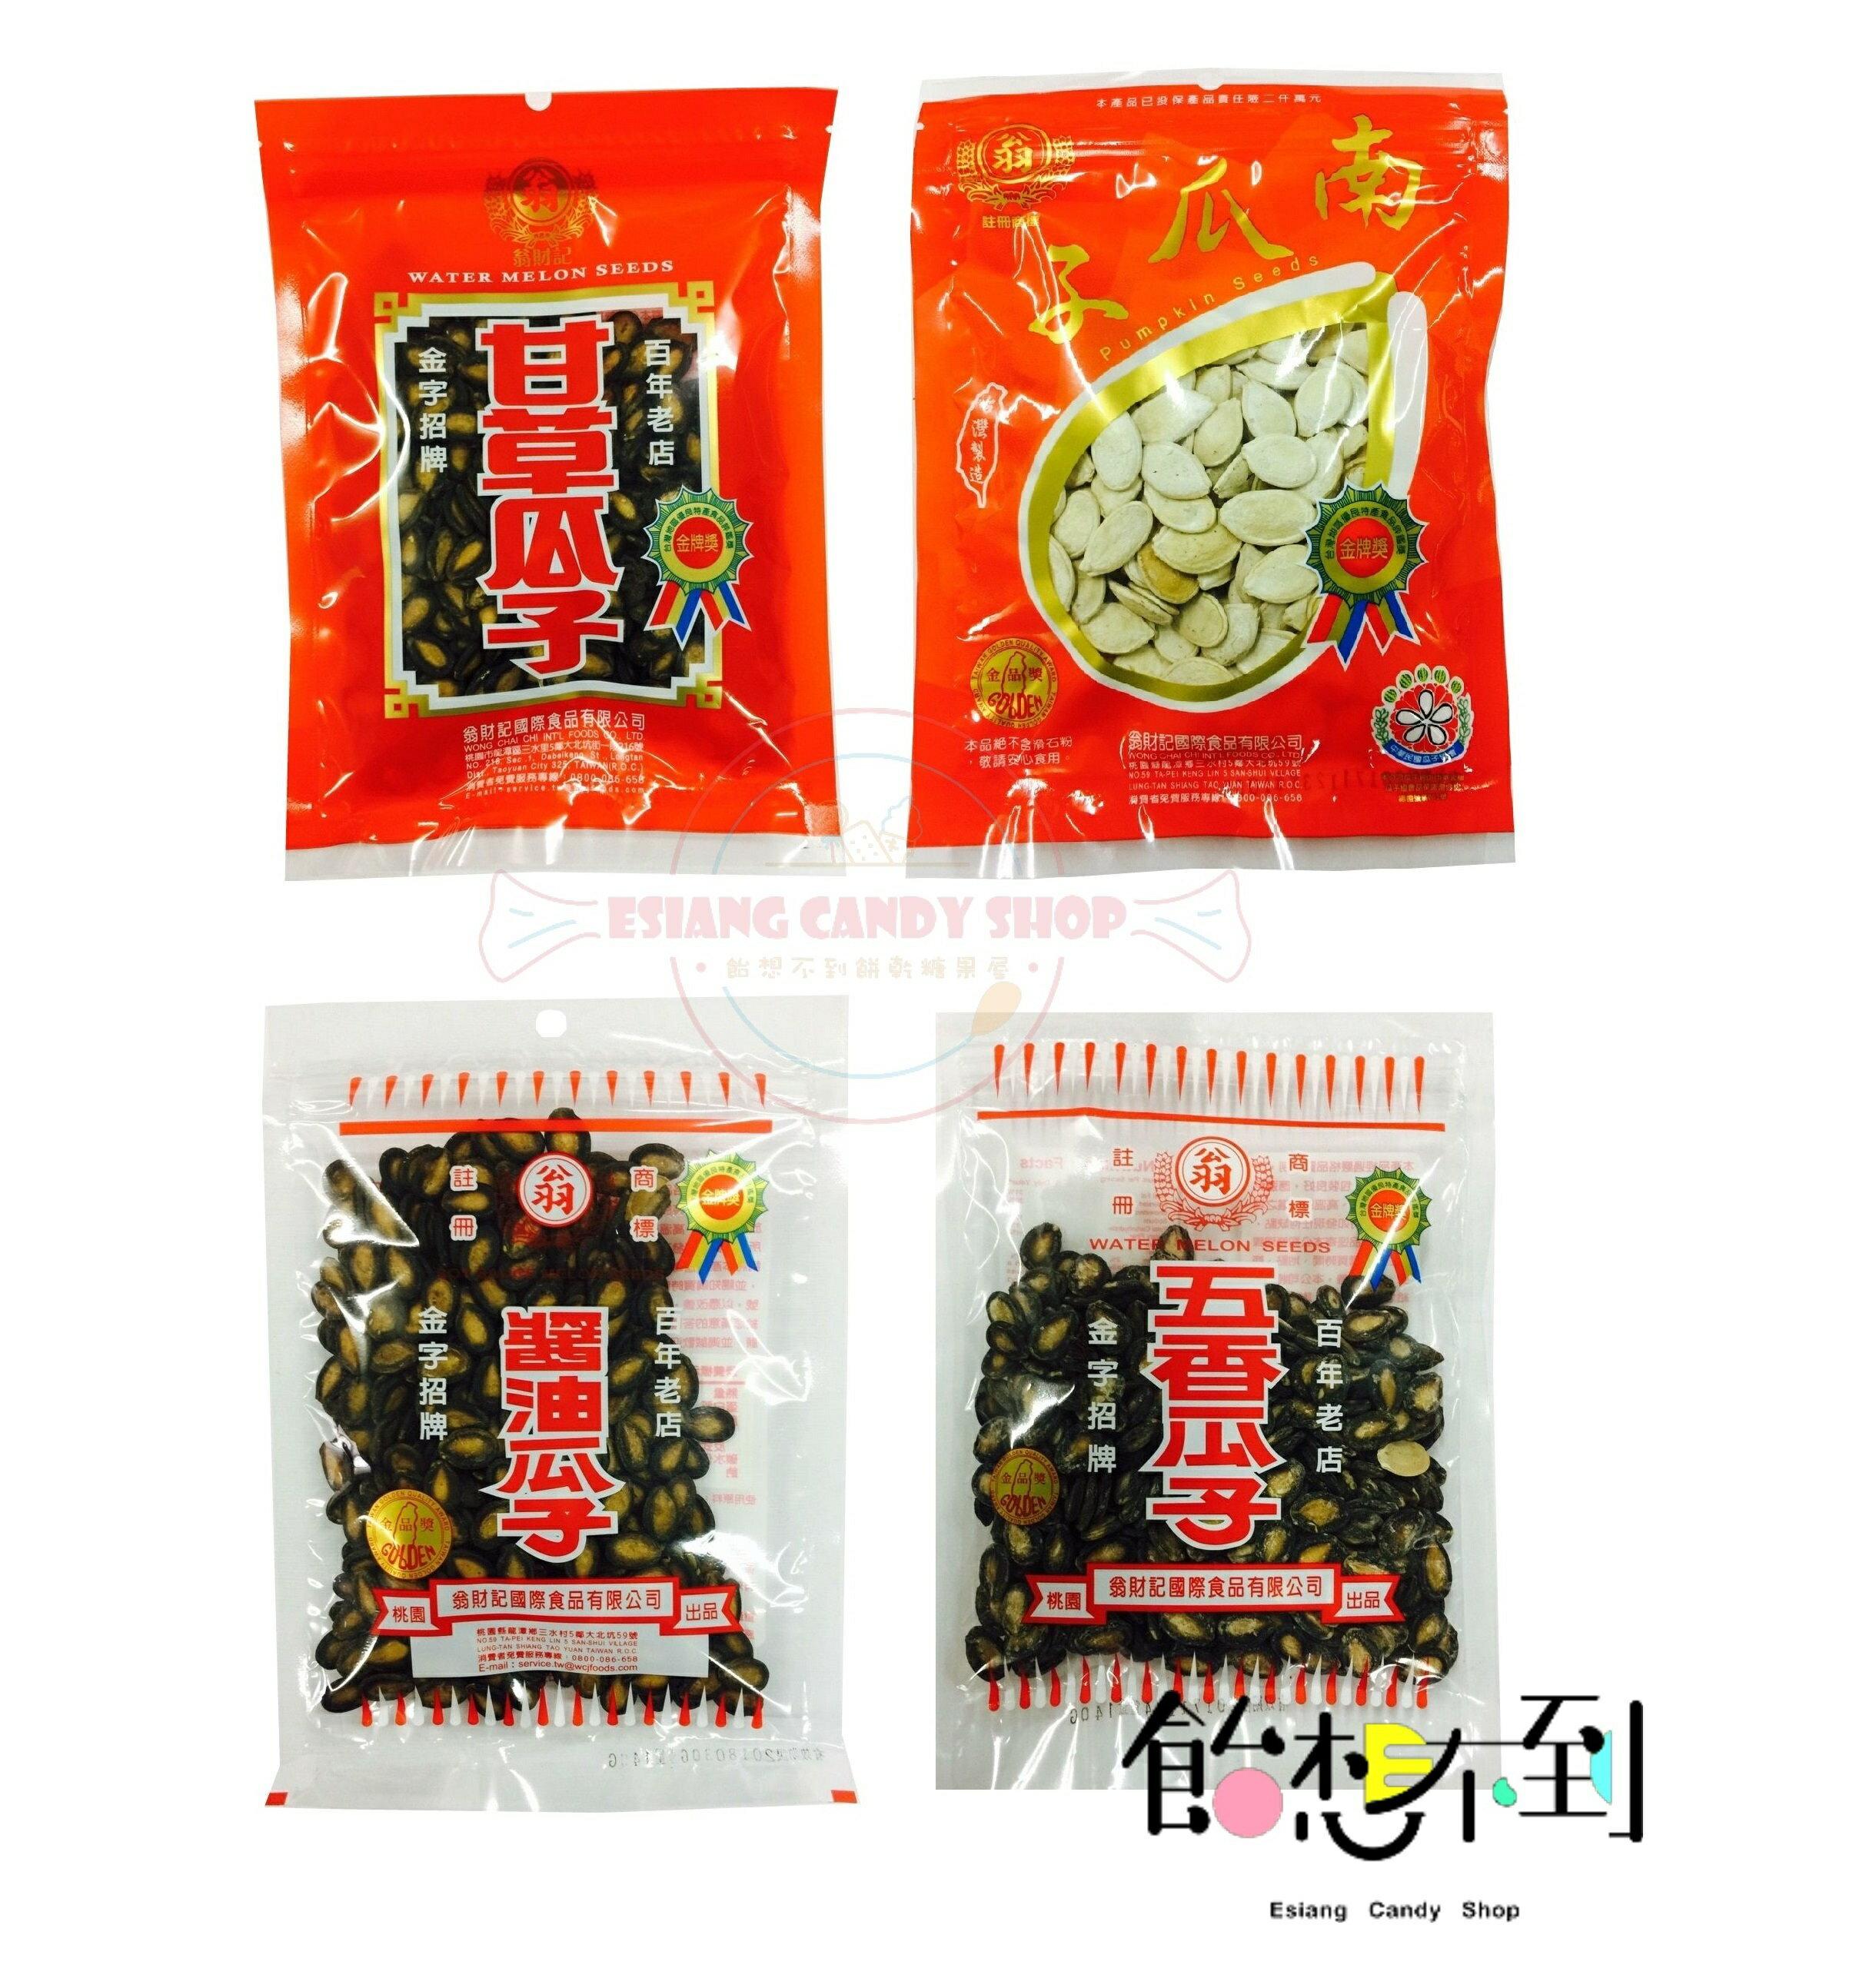 〚翁財記〛醬油瓜子/甘草瓜子/五香瓜子140g/ 南瓜子 100g